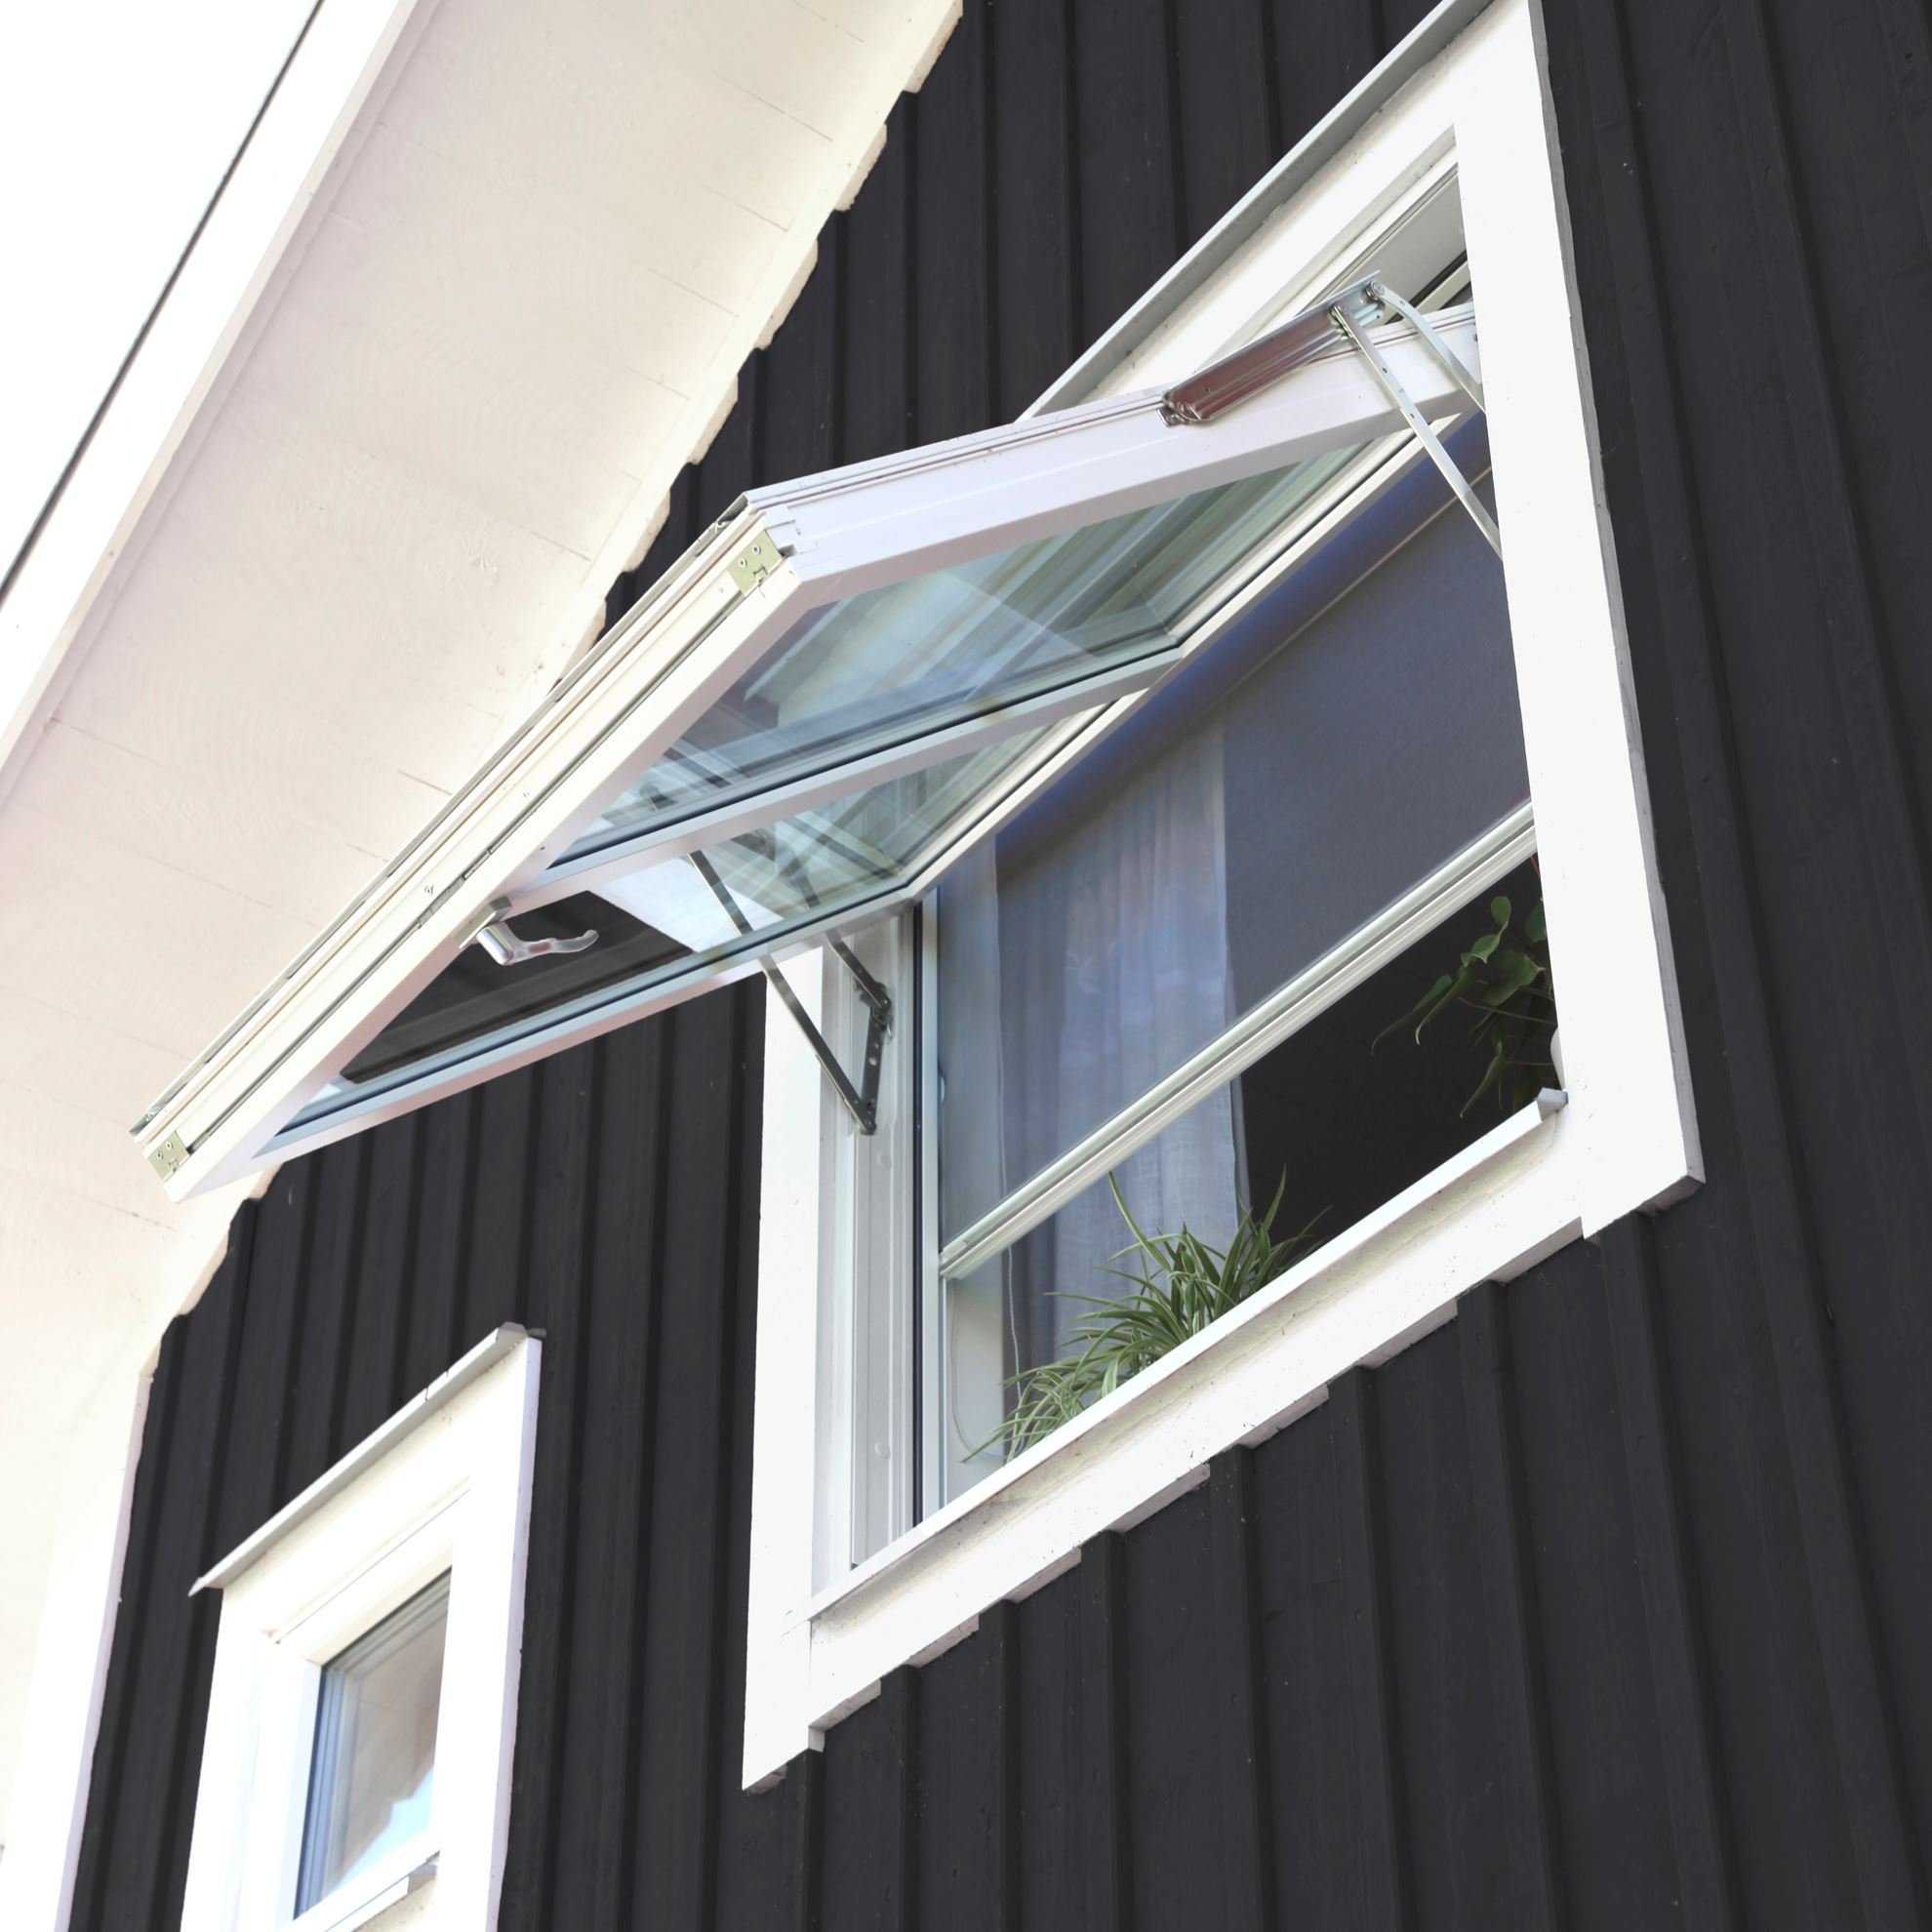 Omtyckta Myggnät till fönster | Elitfönster Webbutik HL-81